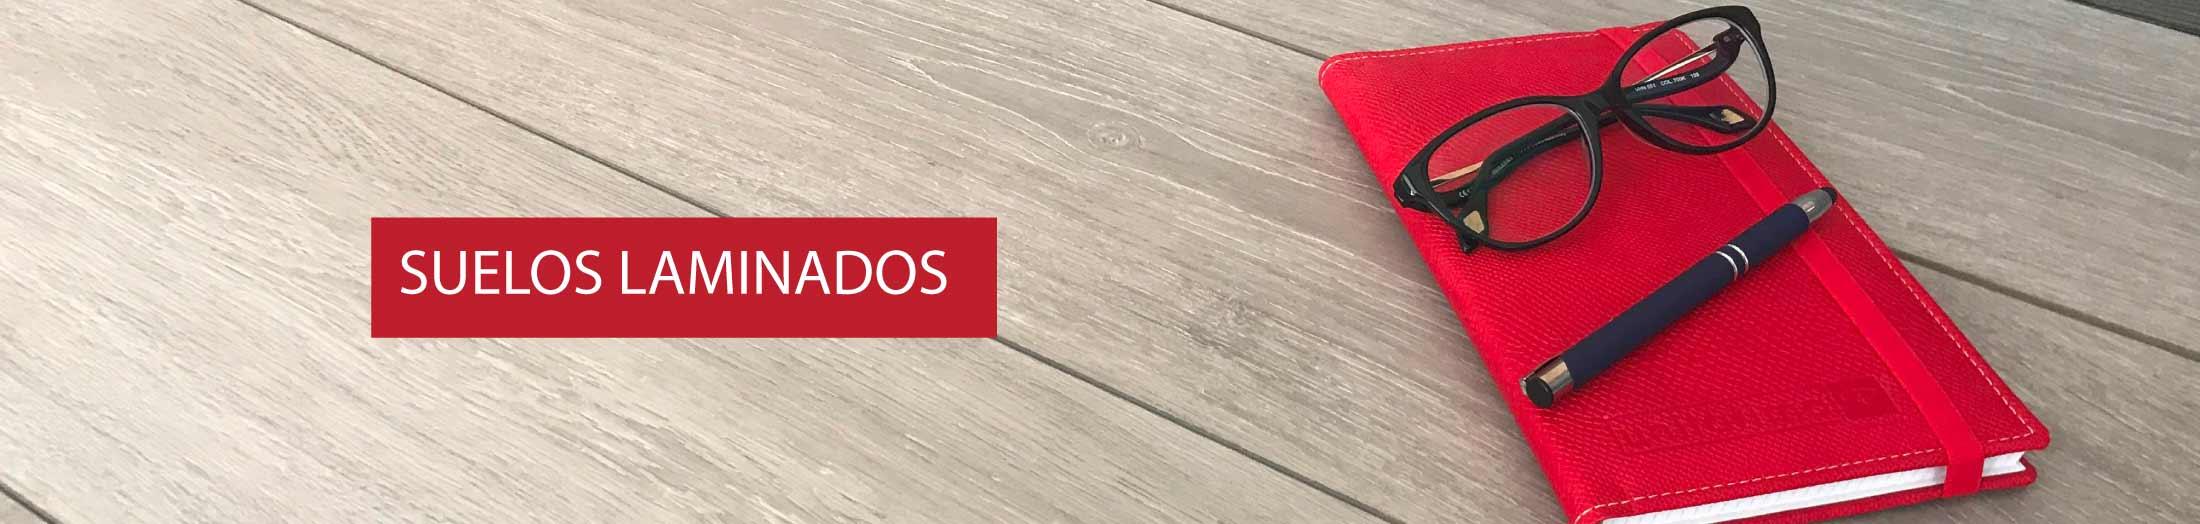 Suelos laminados particulares y profesionales pergo for Suelos laminados adhesivos